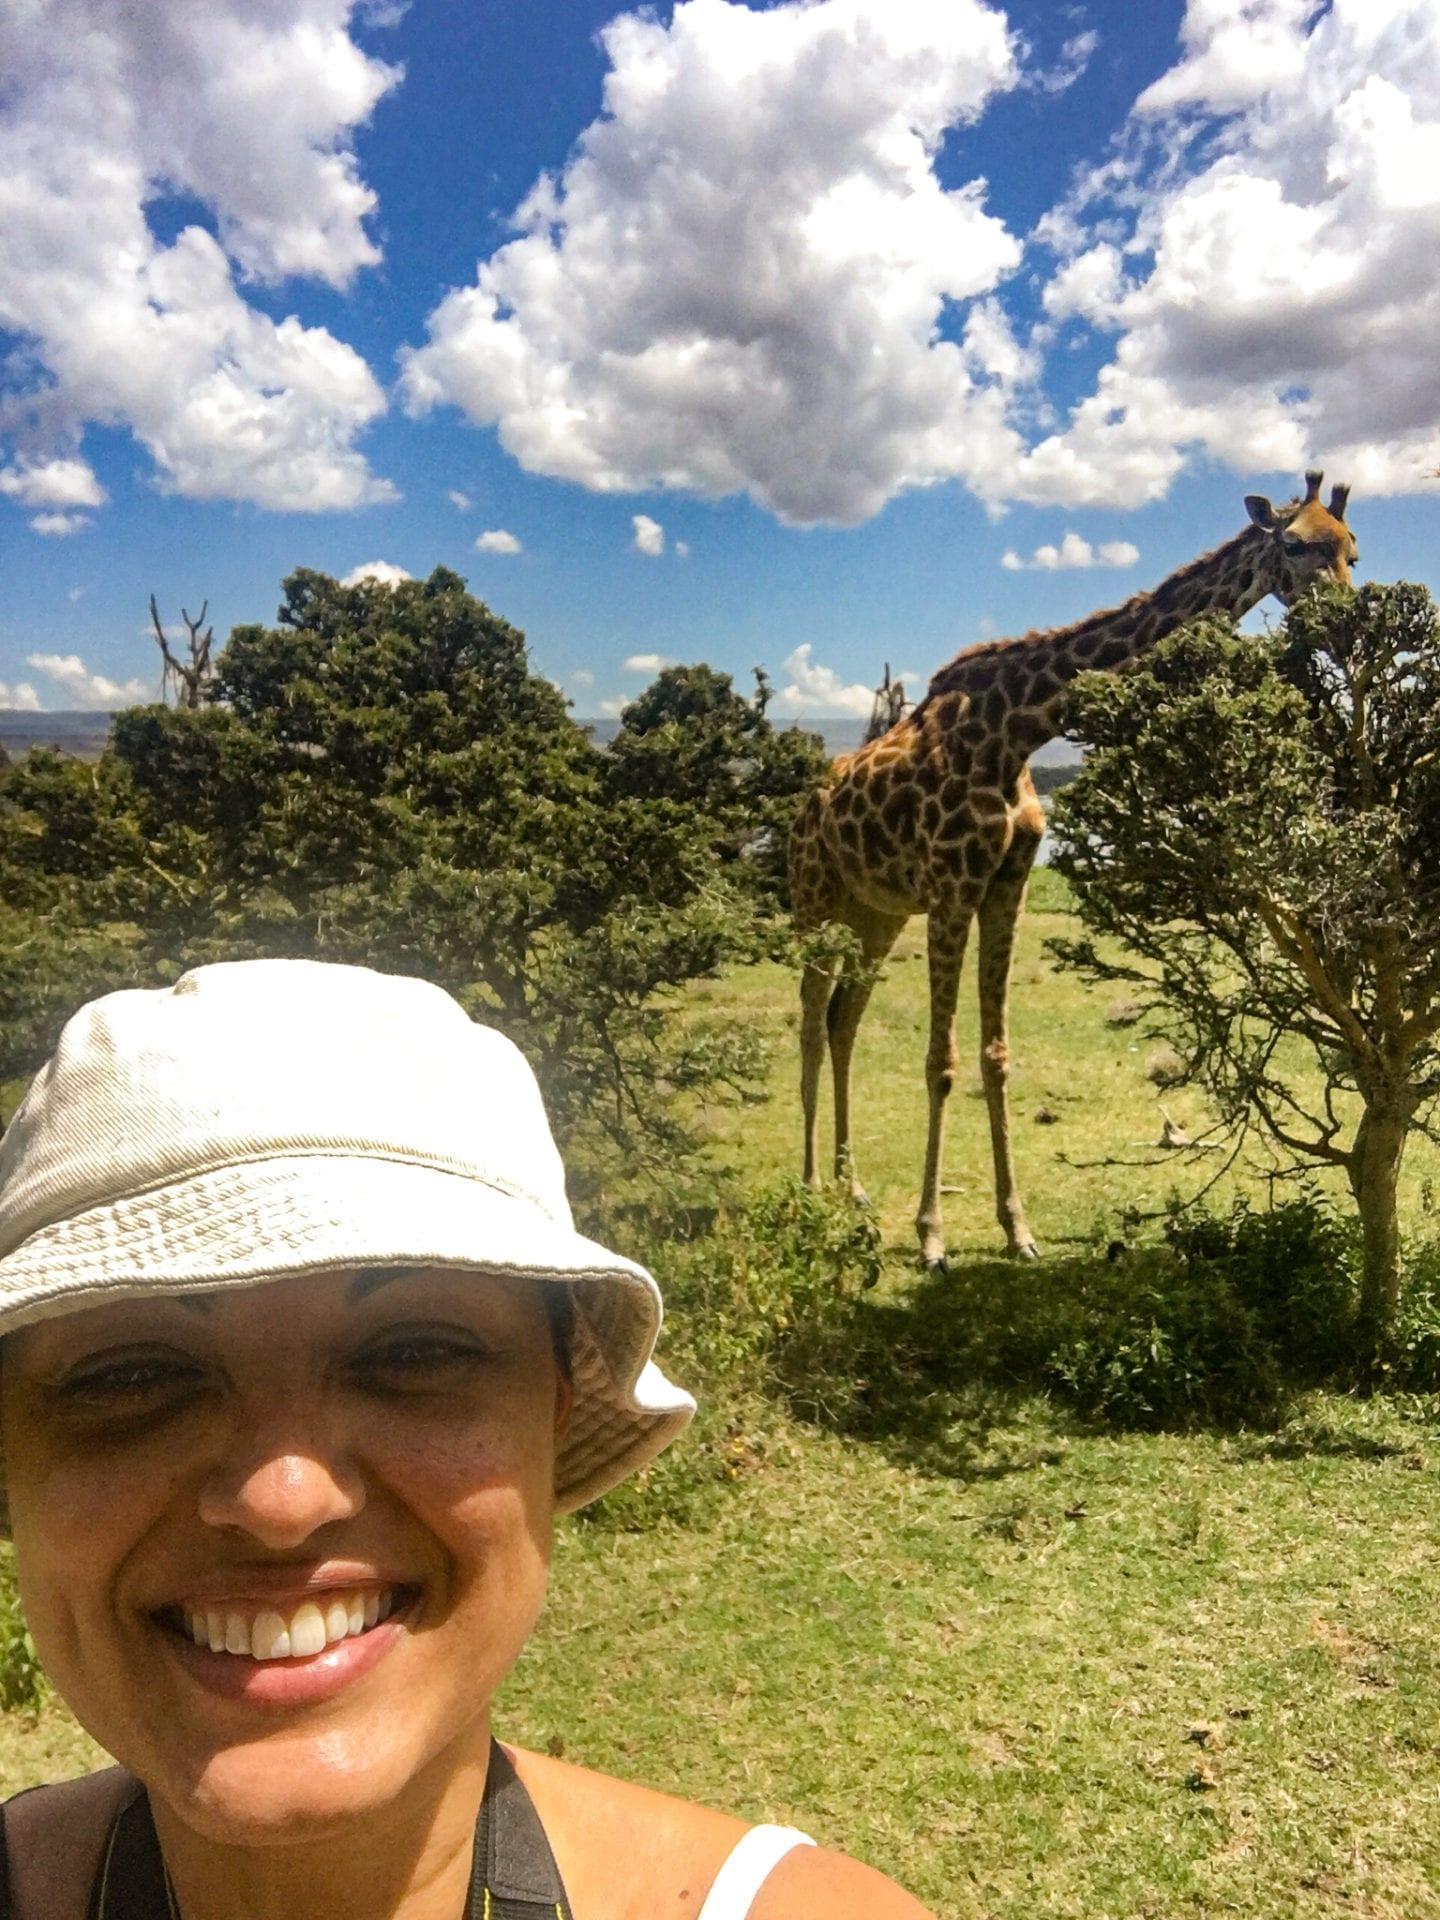 Dröm nu - res sen! Tina Sayed Nestius framför en giraff vill att du drömmer nu genom att boka en gratis resekonsultation med henne